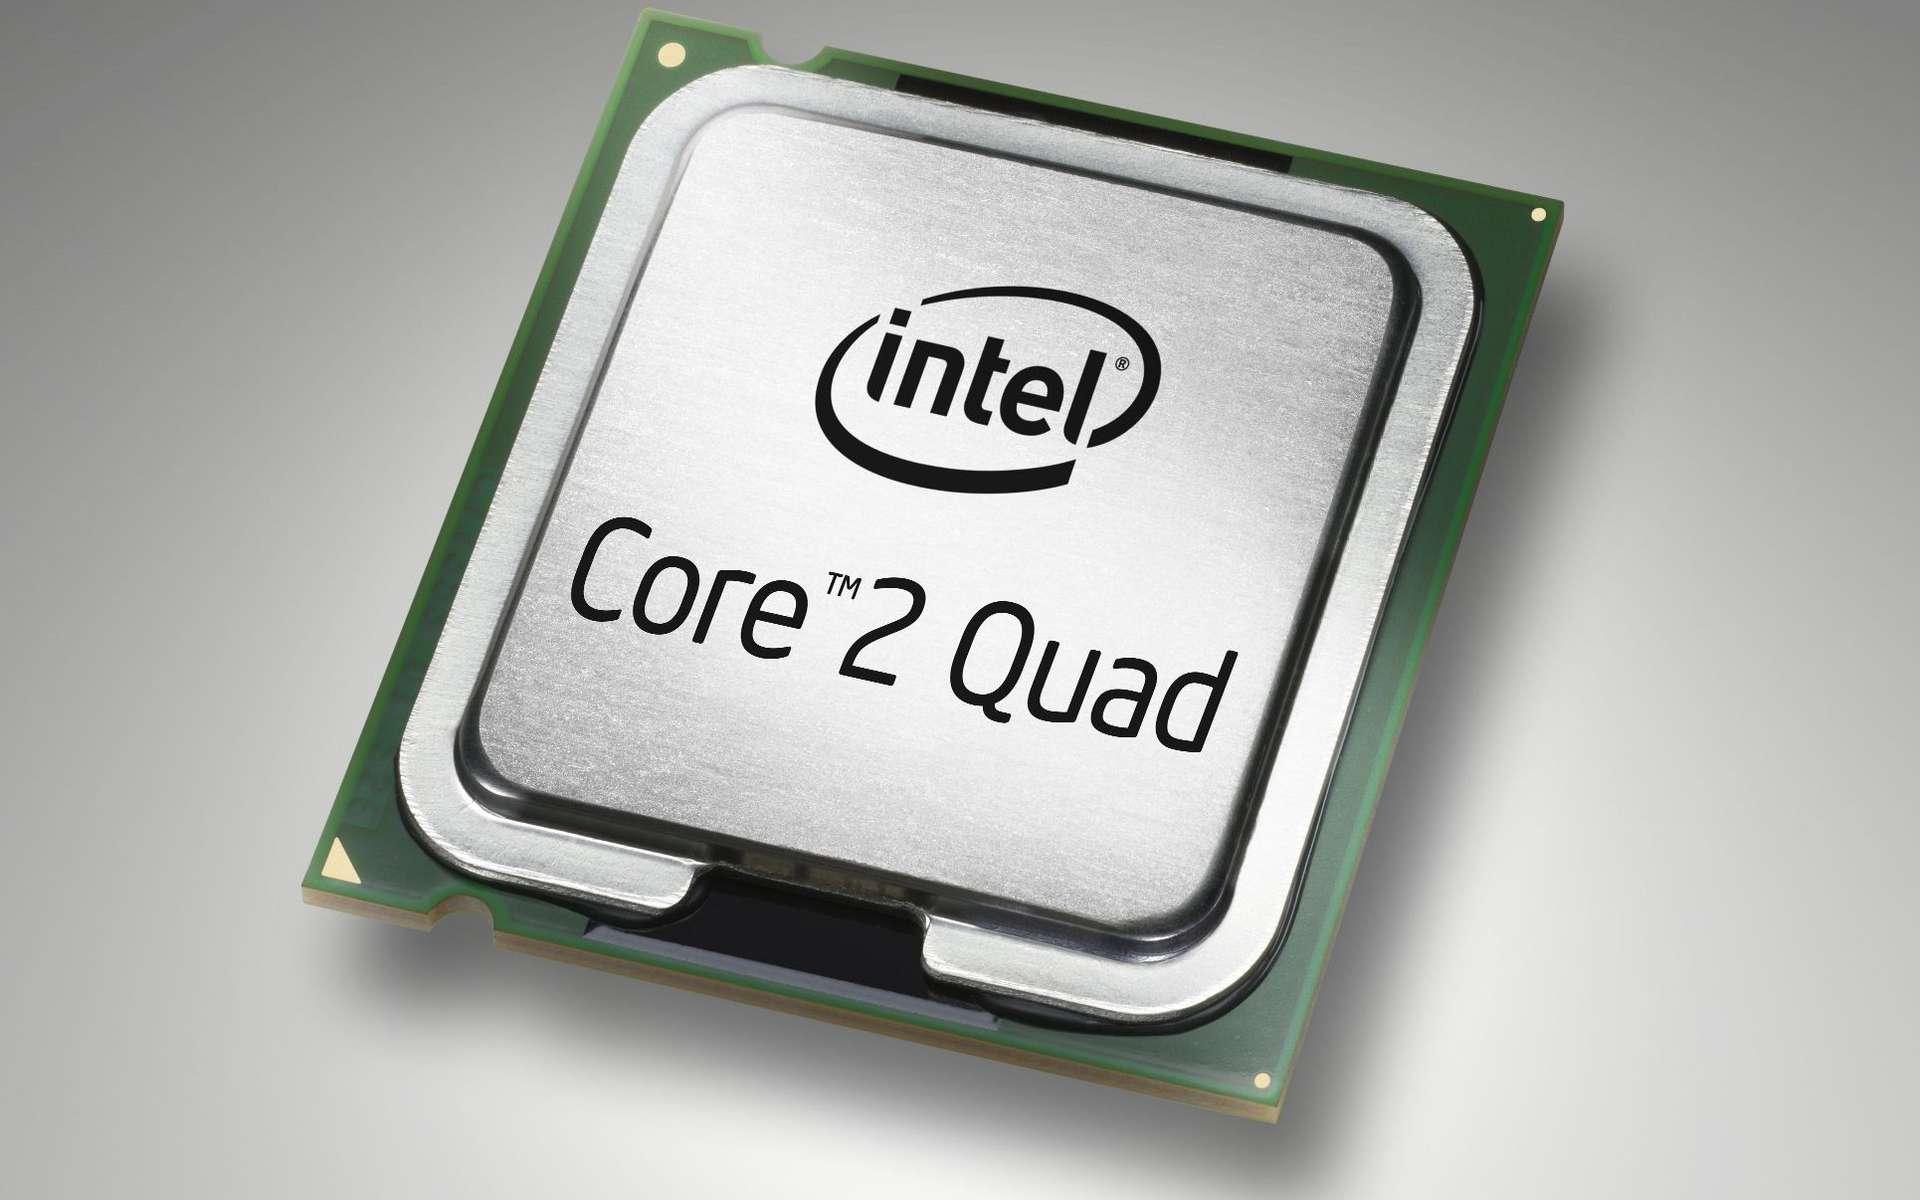 Les processeurs d'Intel ont-ils bénéficié de procédés commerciaux malhonnêtes ? © DR